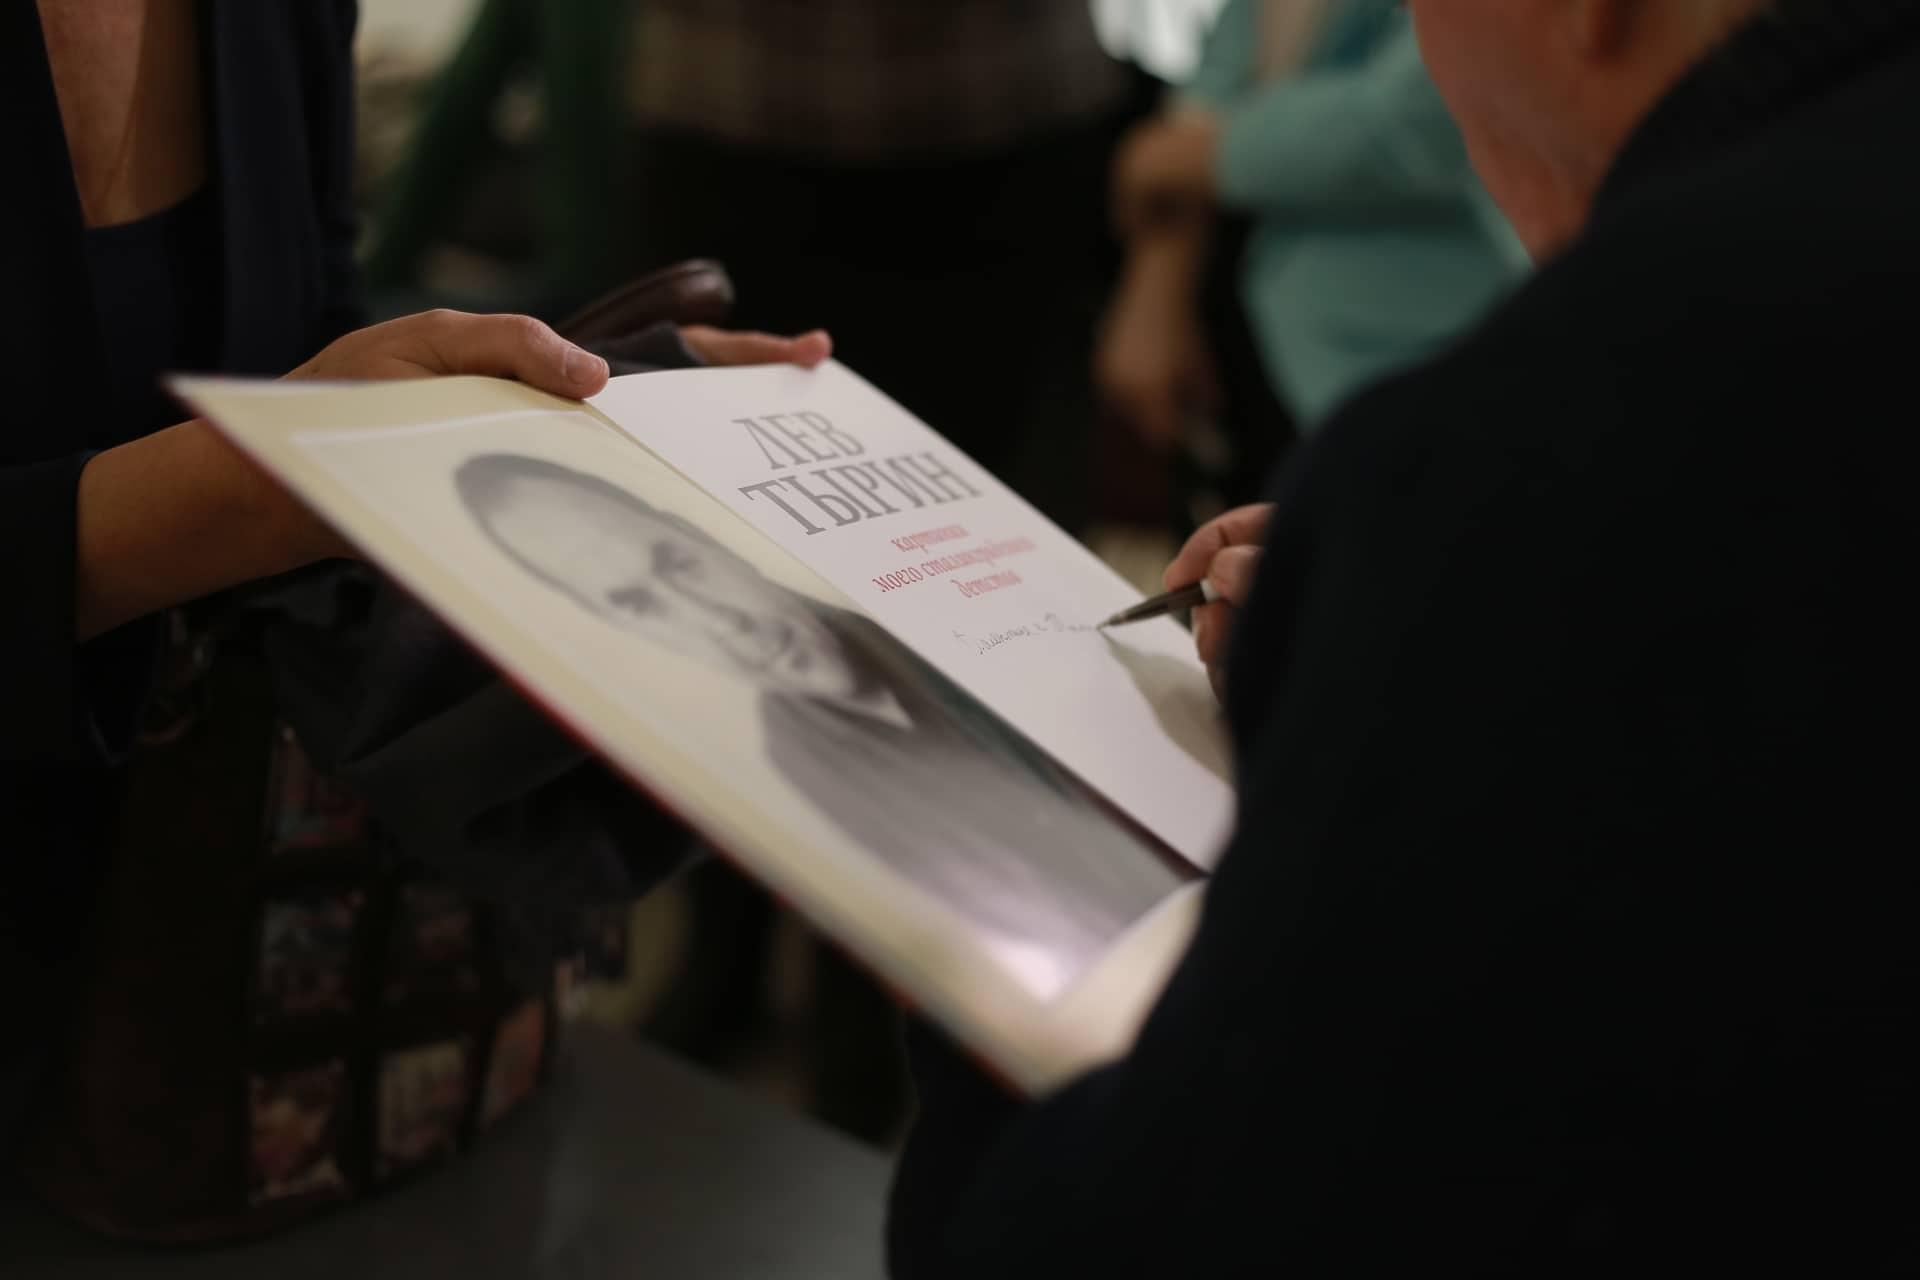 Автор поставил в книгах свои первые автографы